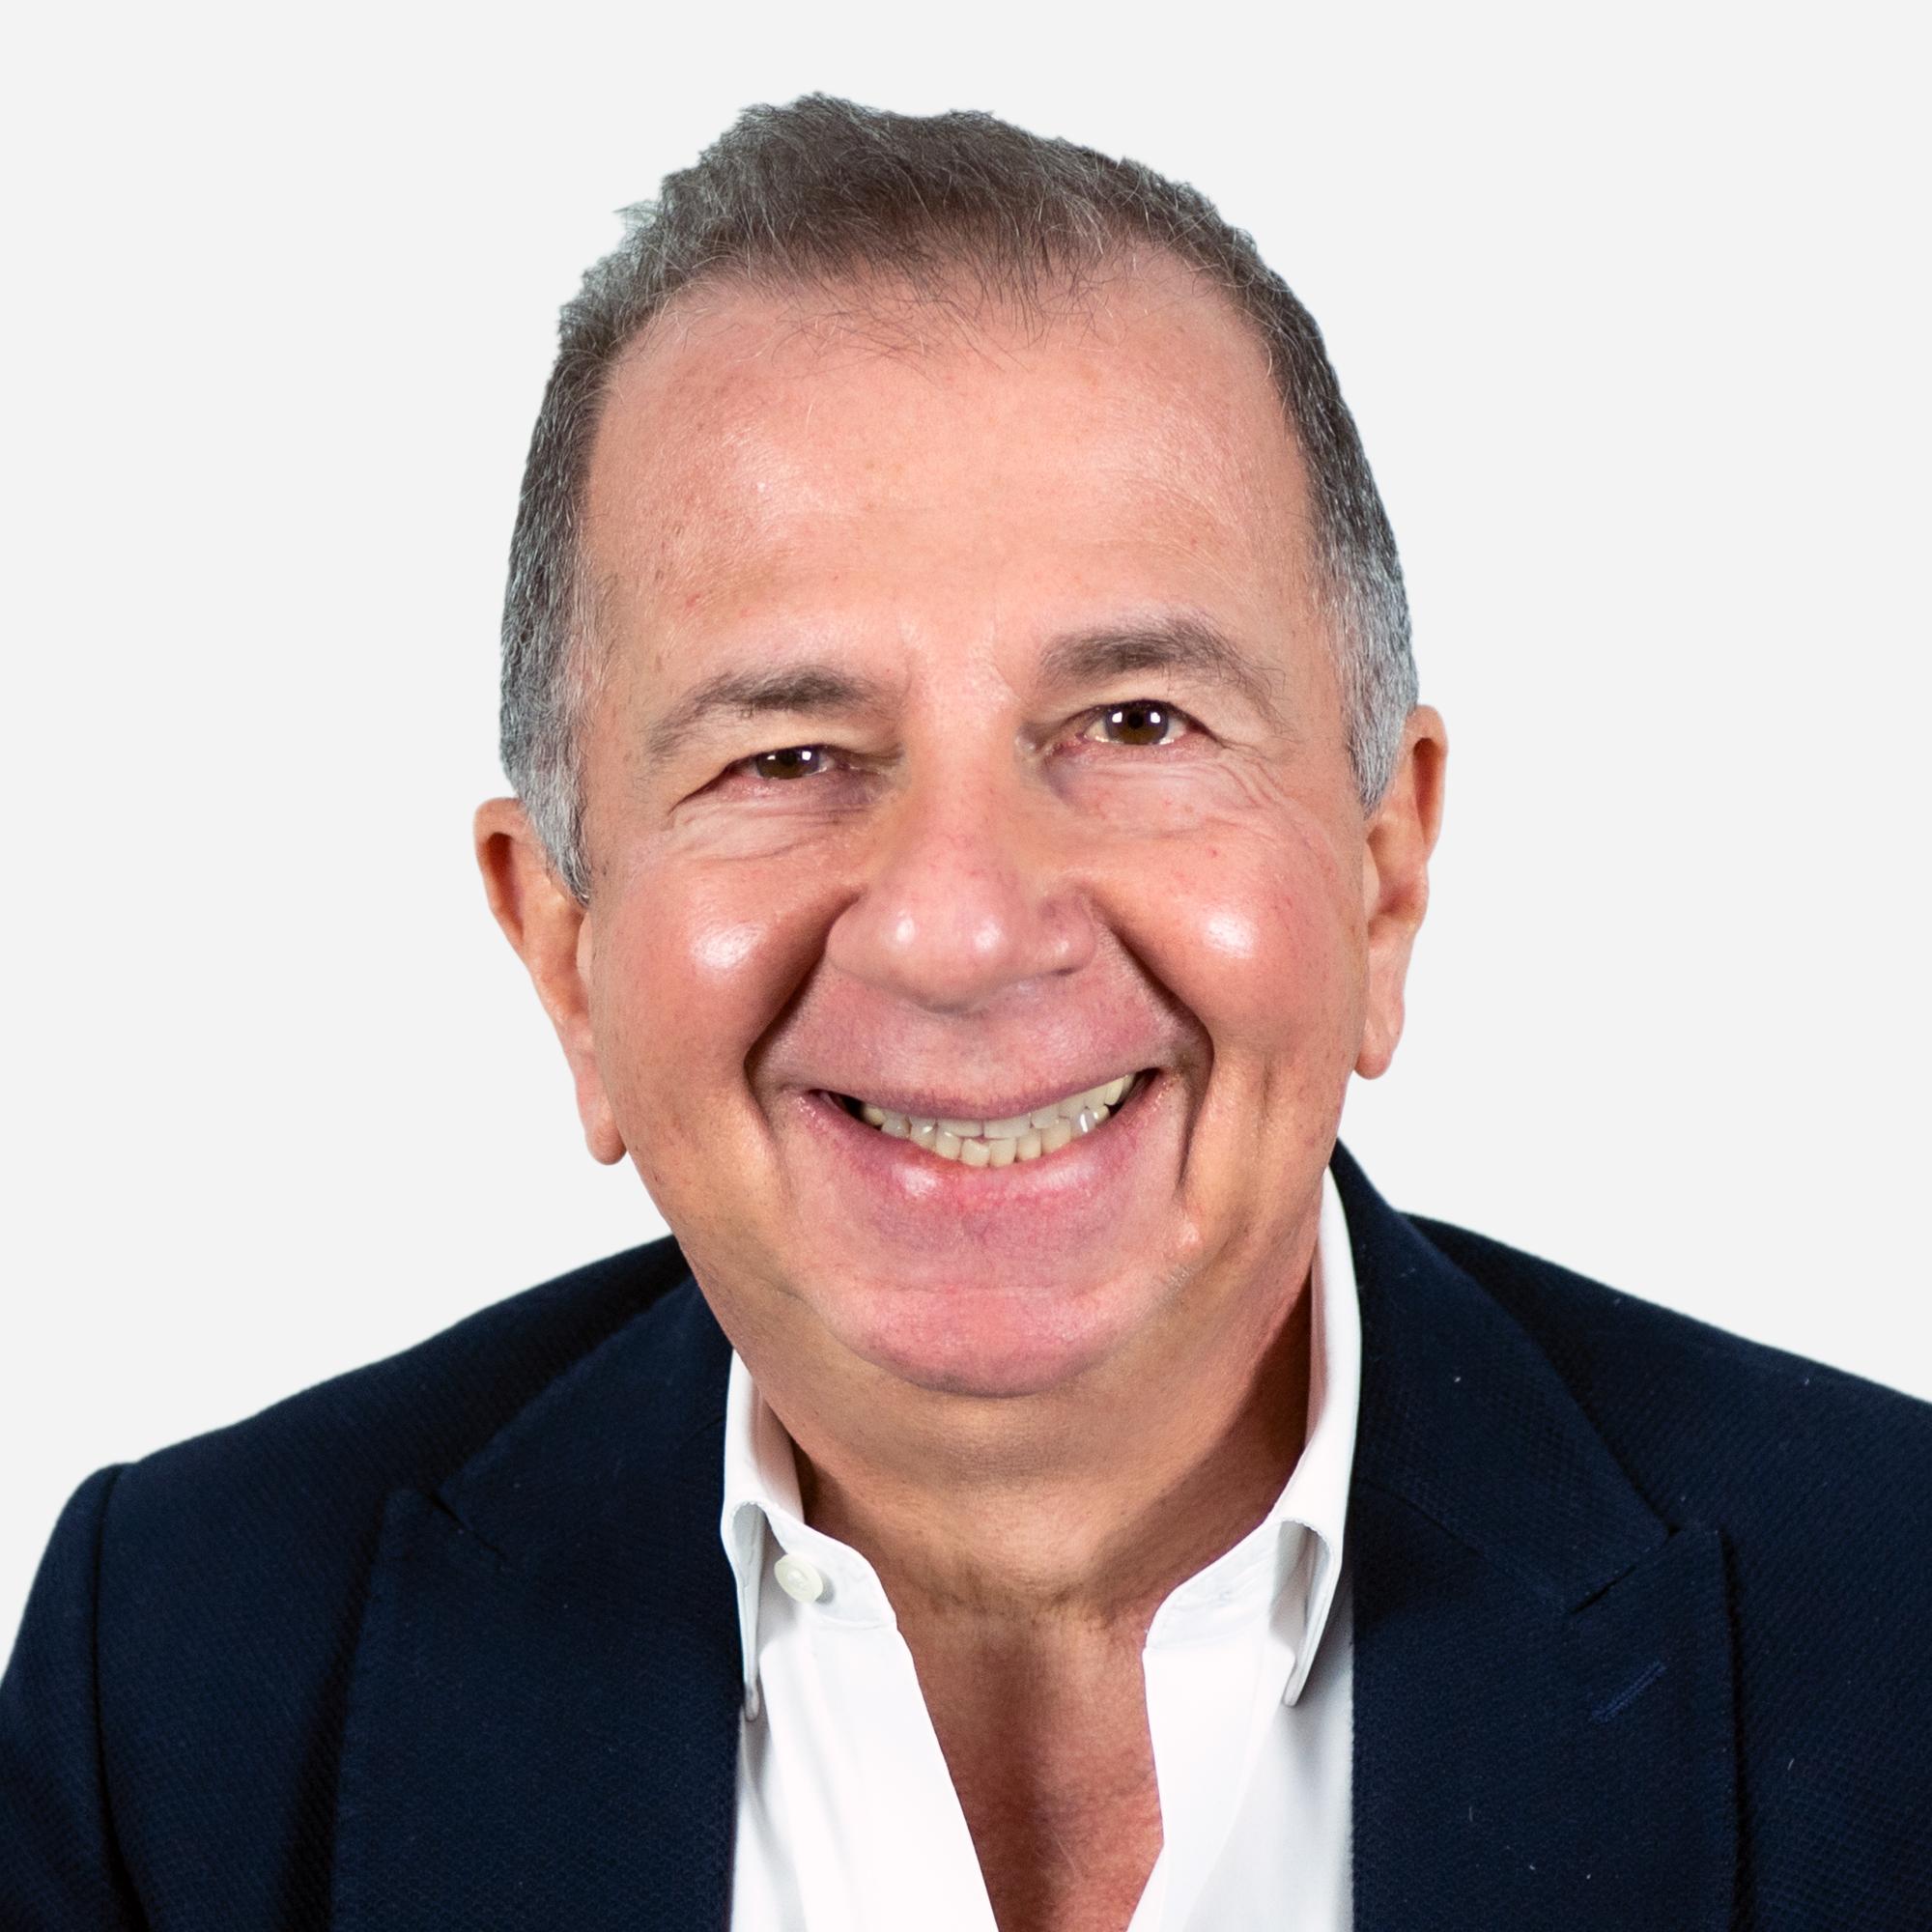 Charlie Degliomini